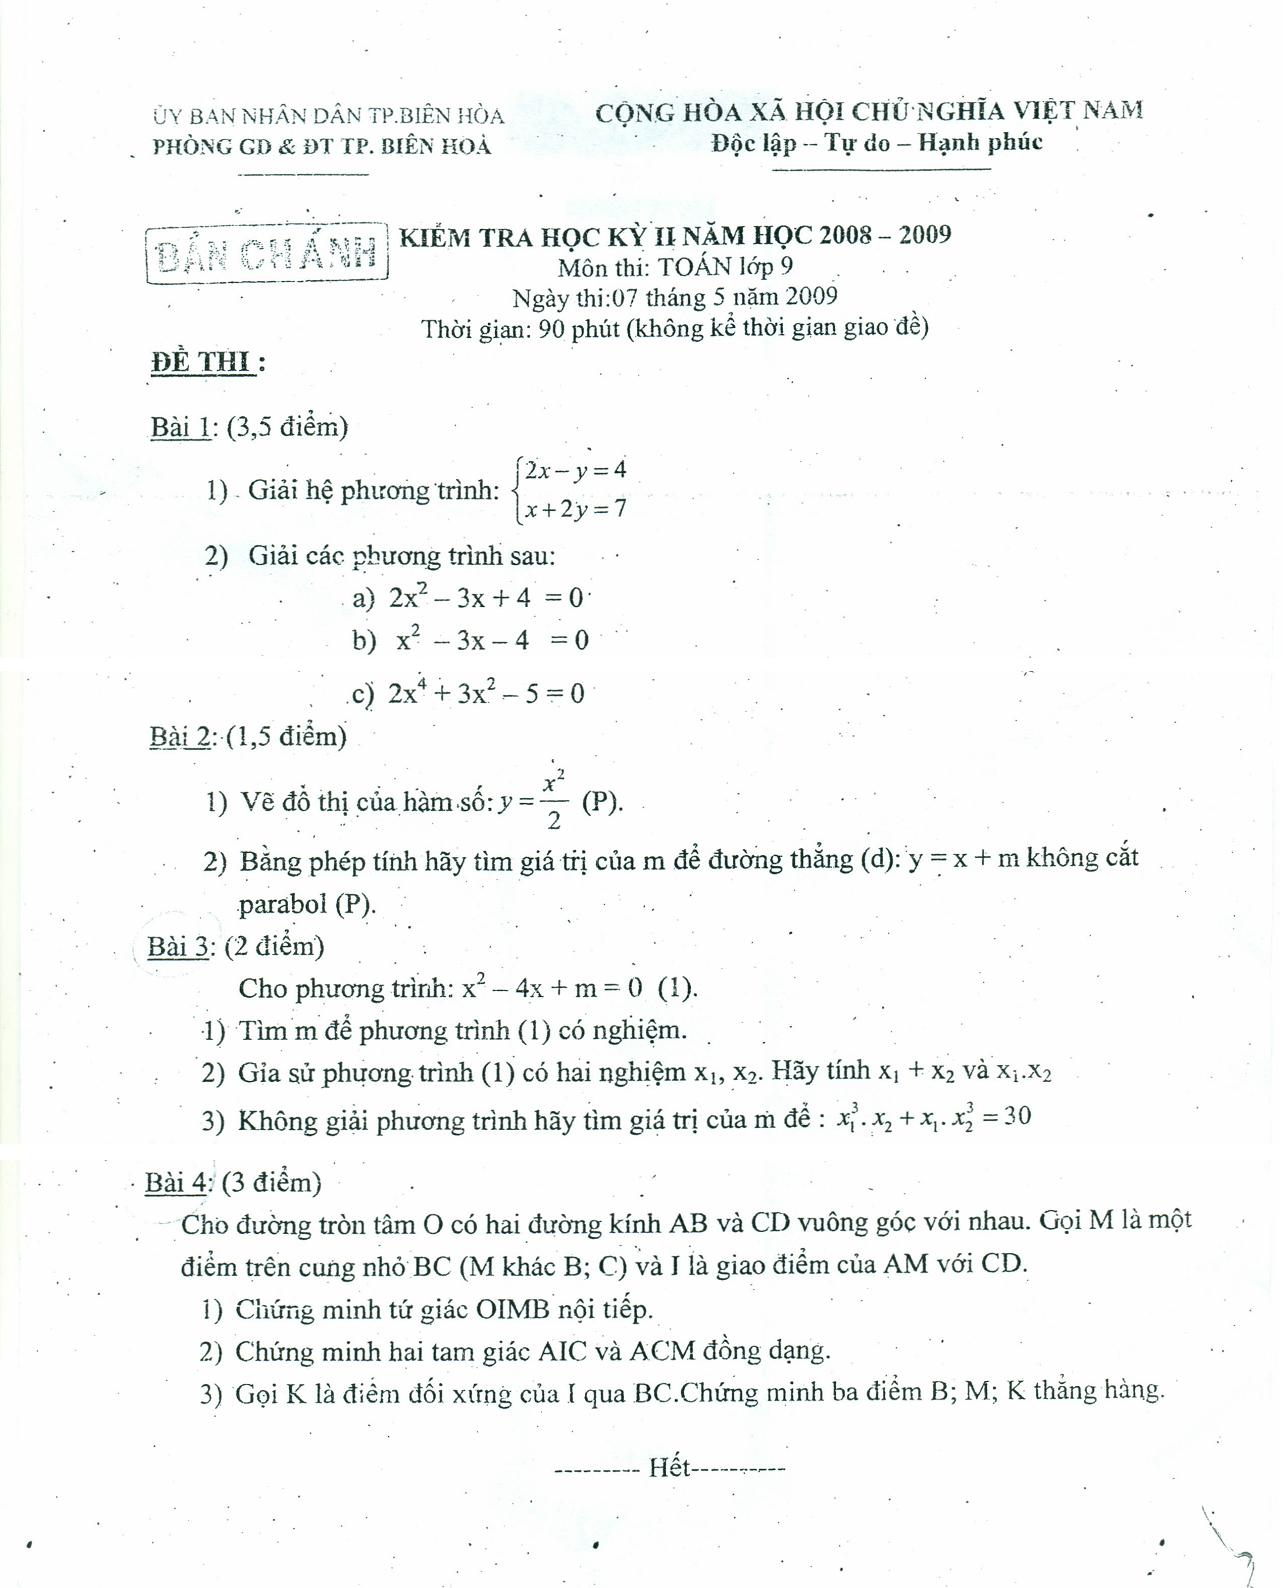 Đề thi học kỳ 2 môn toán lớp 9 tỉnh Đồng Nai năm 2009